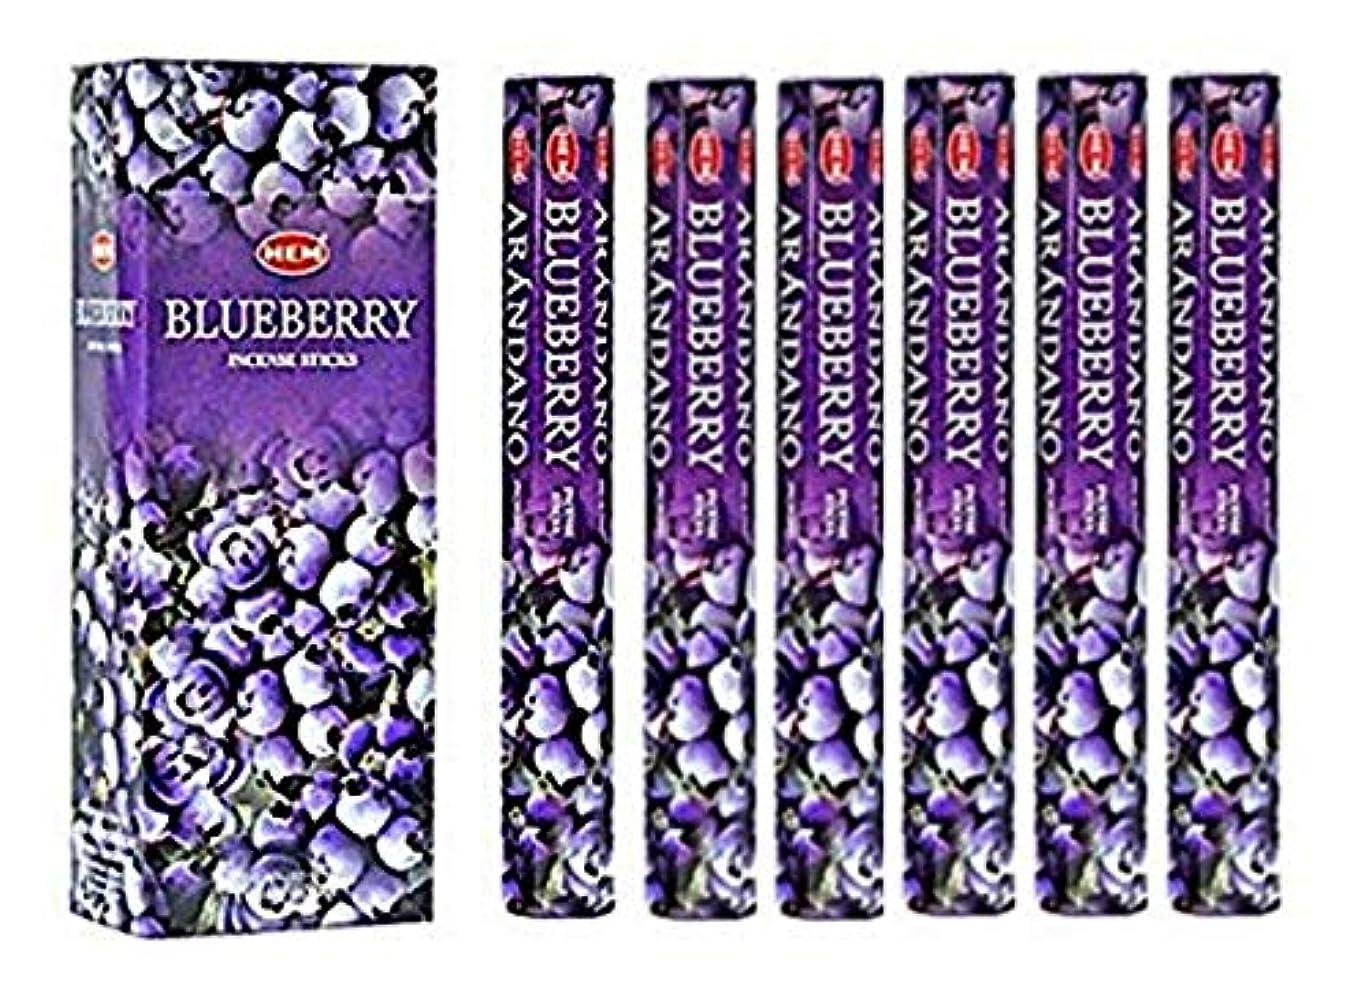 スポンサー花現在Blueberry - Box of Six 20 Stick Tubes, 120 Sticks Total - HEM Incense by HEM 6 Pack 20 Stick